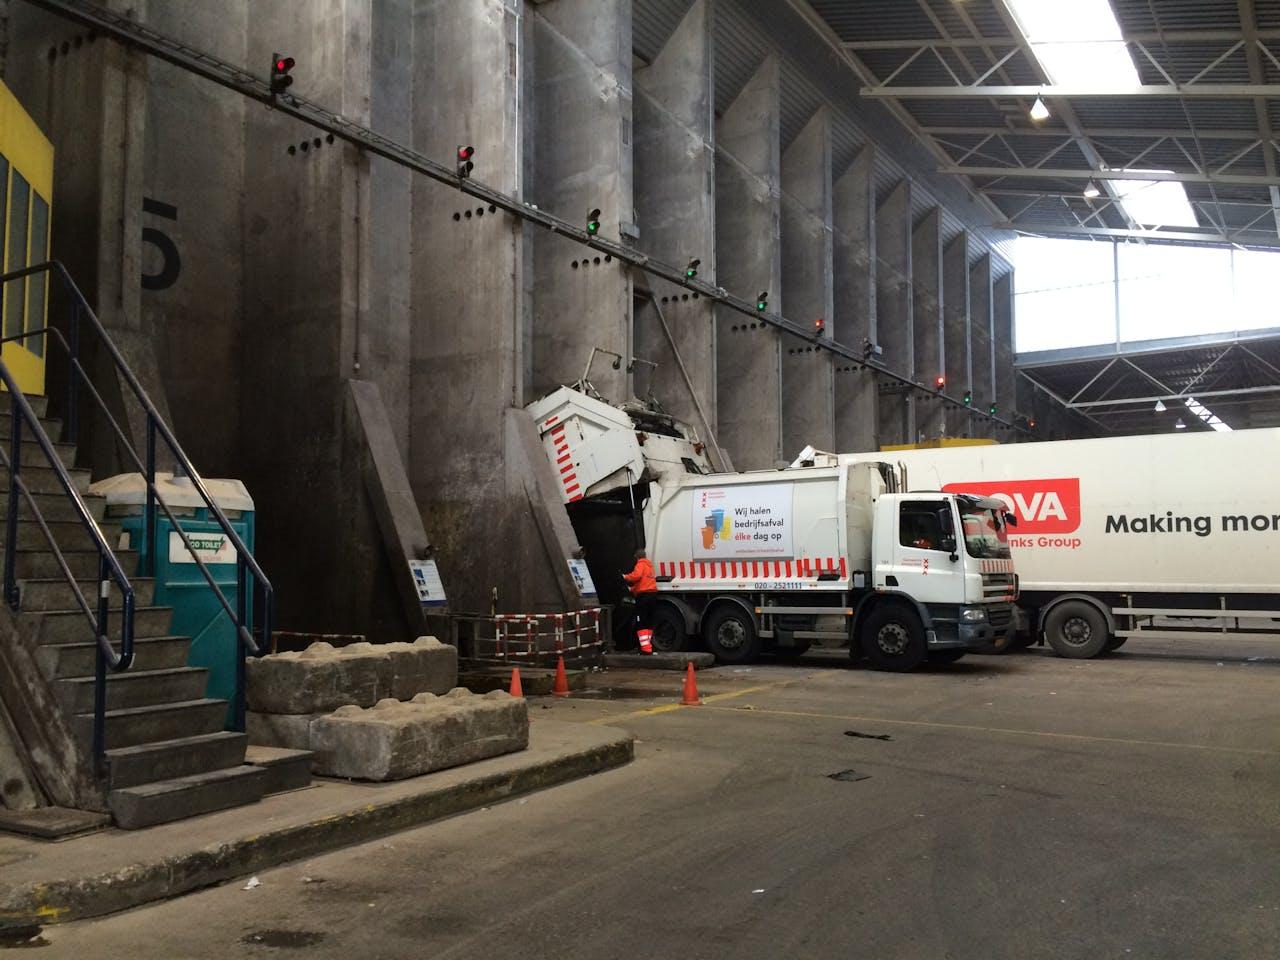 Foto: Hugo Reitsma - Bij de Amsterdamse afvalenergiecentrale AEB wordt het afval verzameld in een speciale bunker.